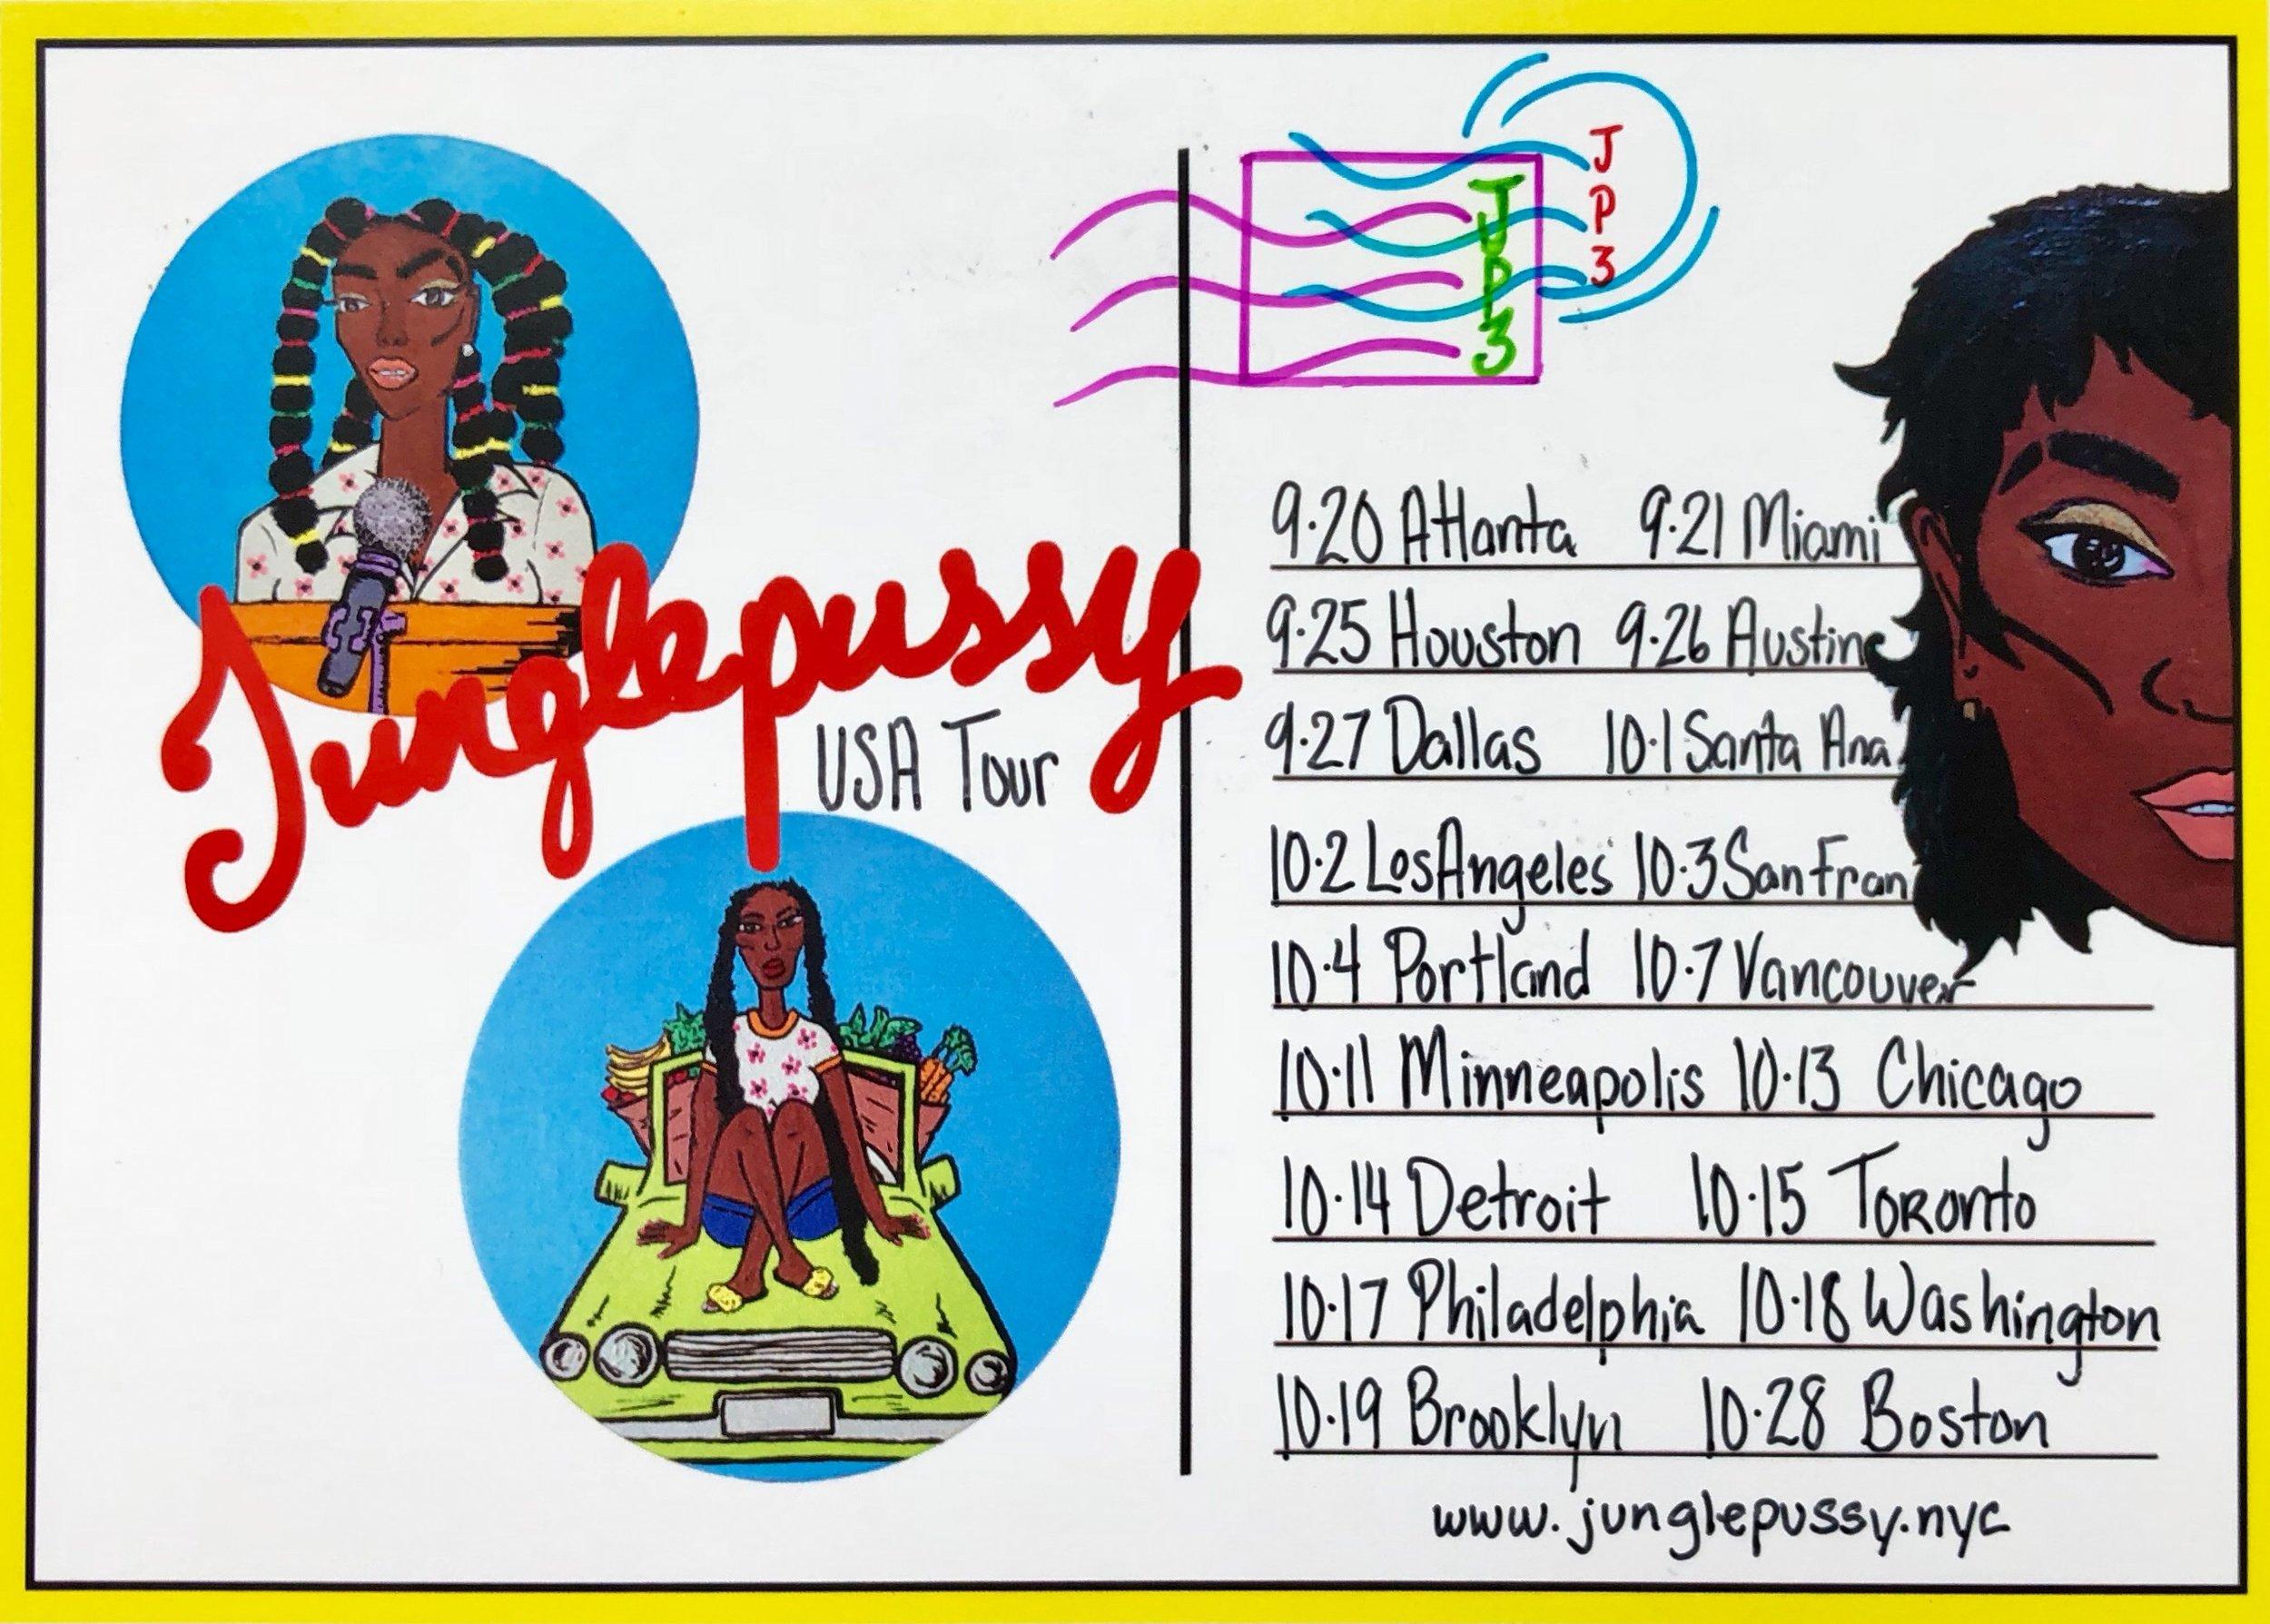 JP3 Fall 18 Tour Flyer.jpeg